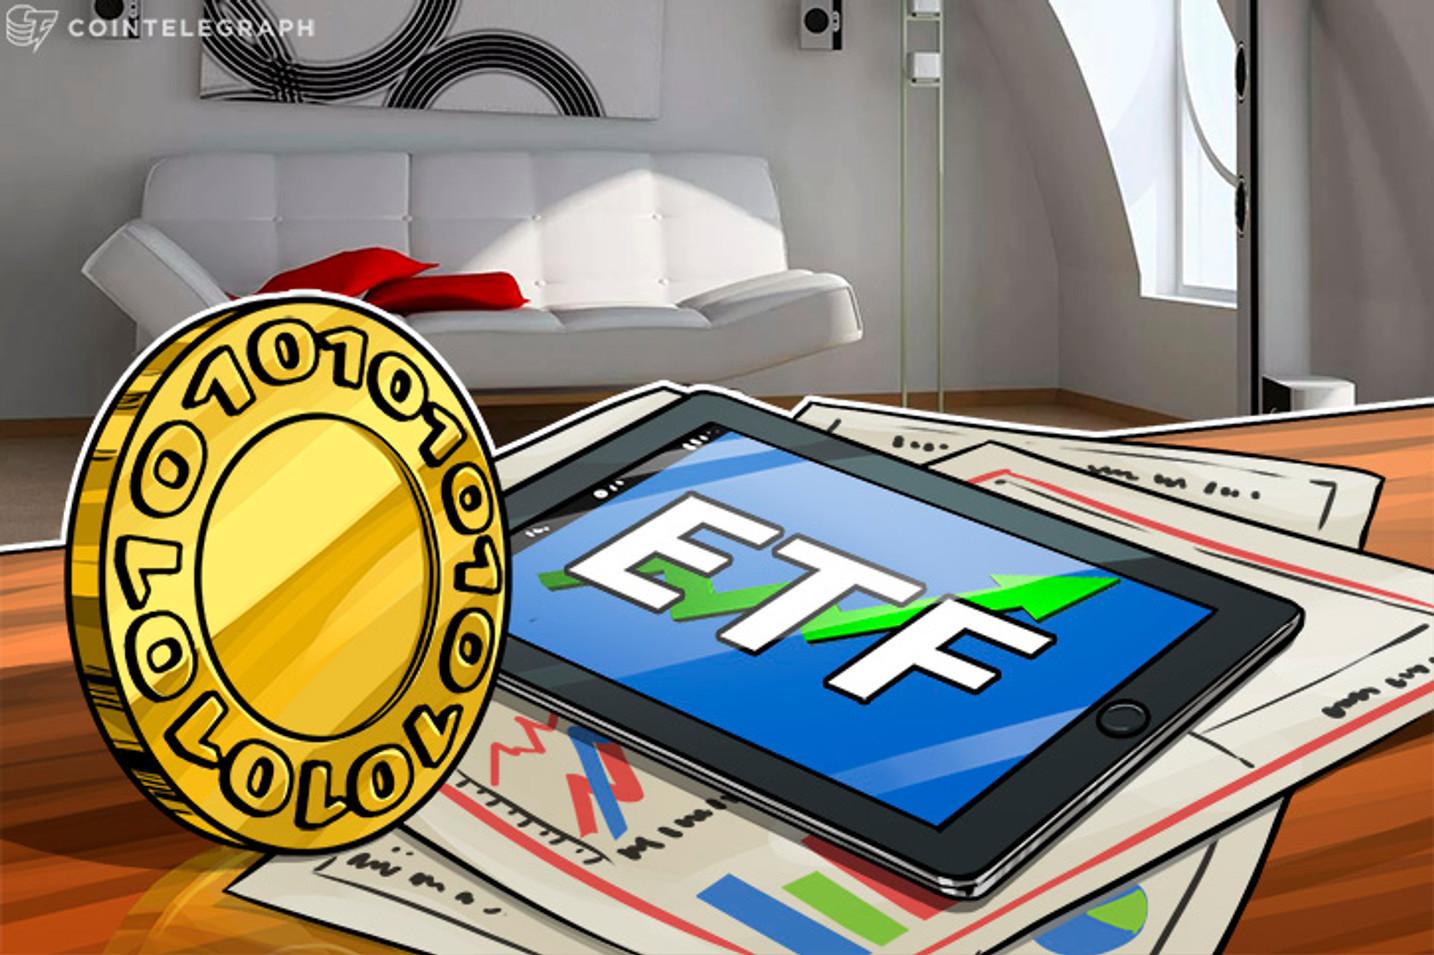 هيئة البورصات الأمريكيَّة تقول أنَّ الصناديق القائمة على العملات الرقميَّة ليست مُهيَّأة بعد للتنظيم